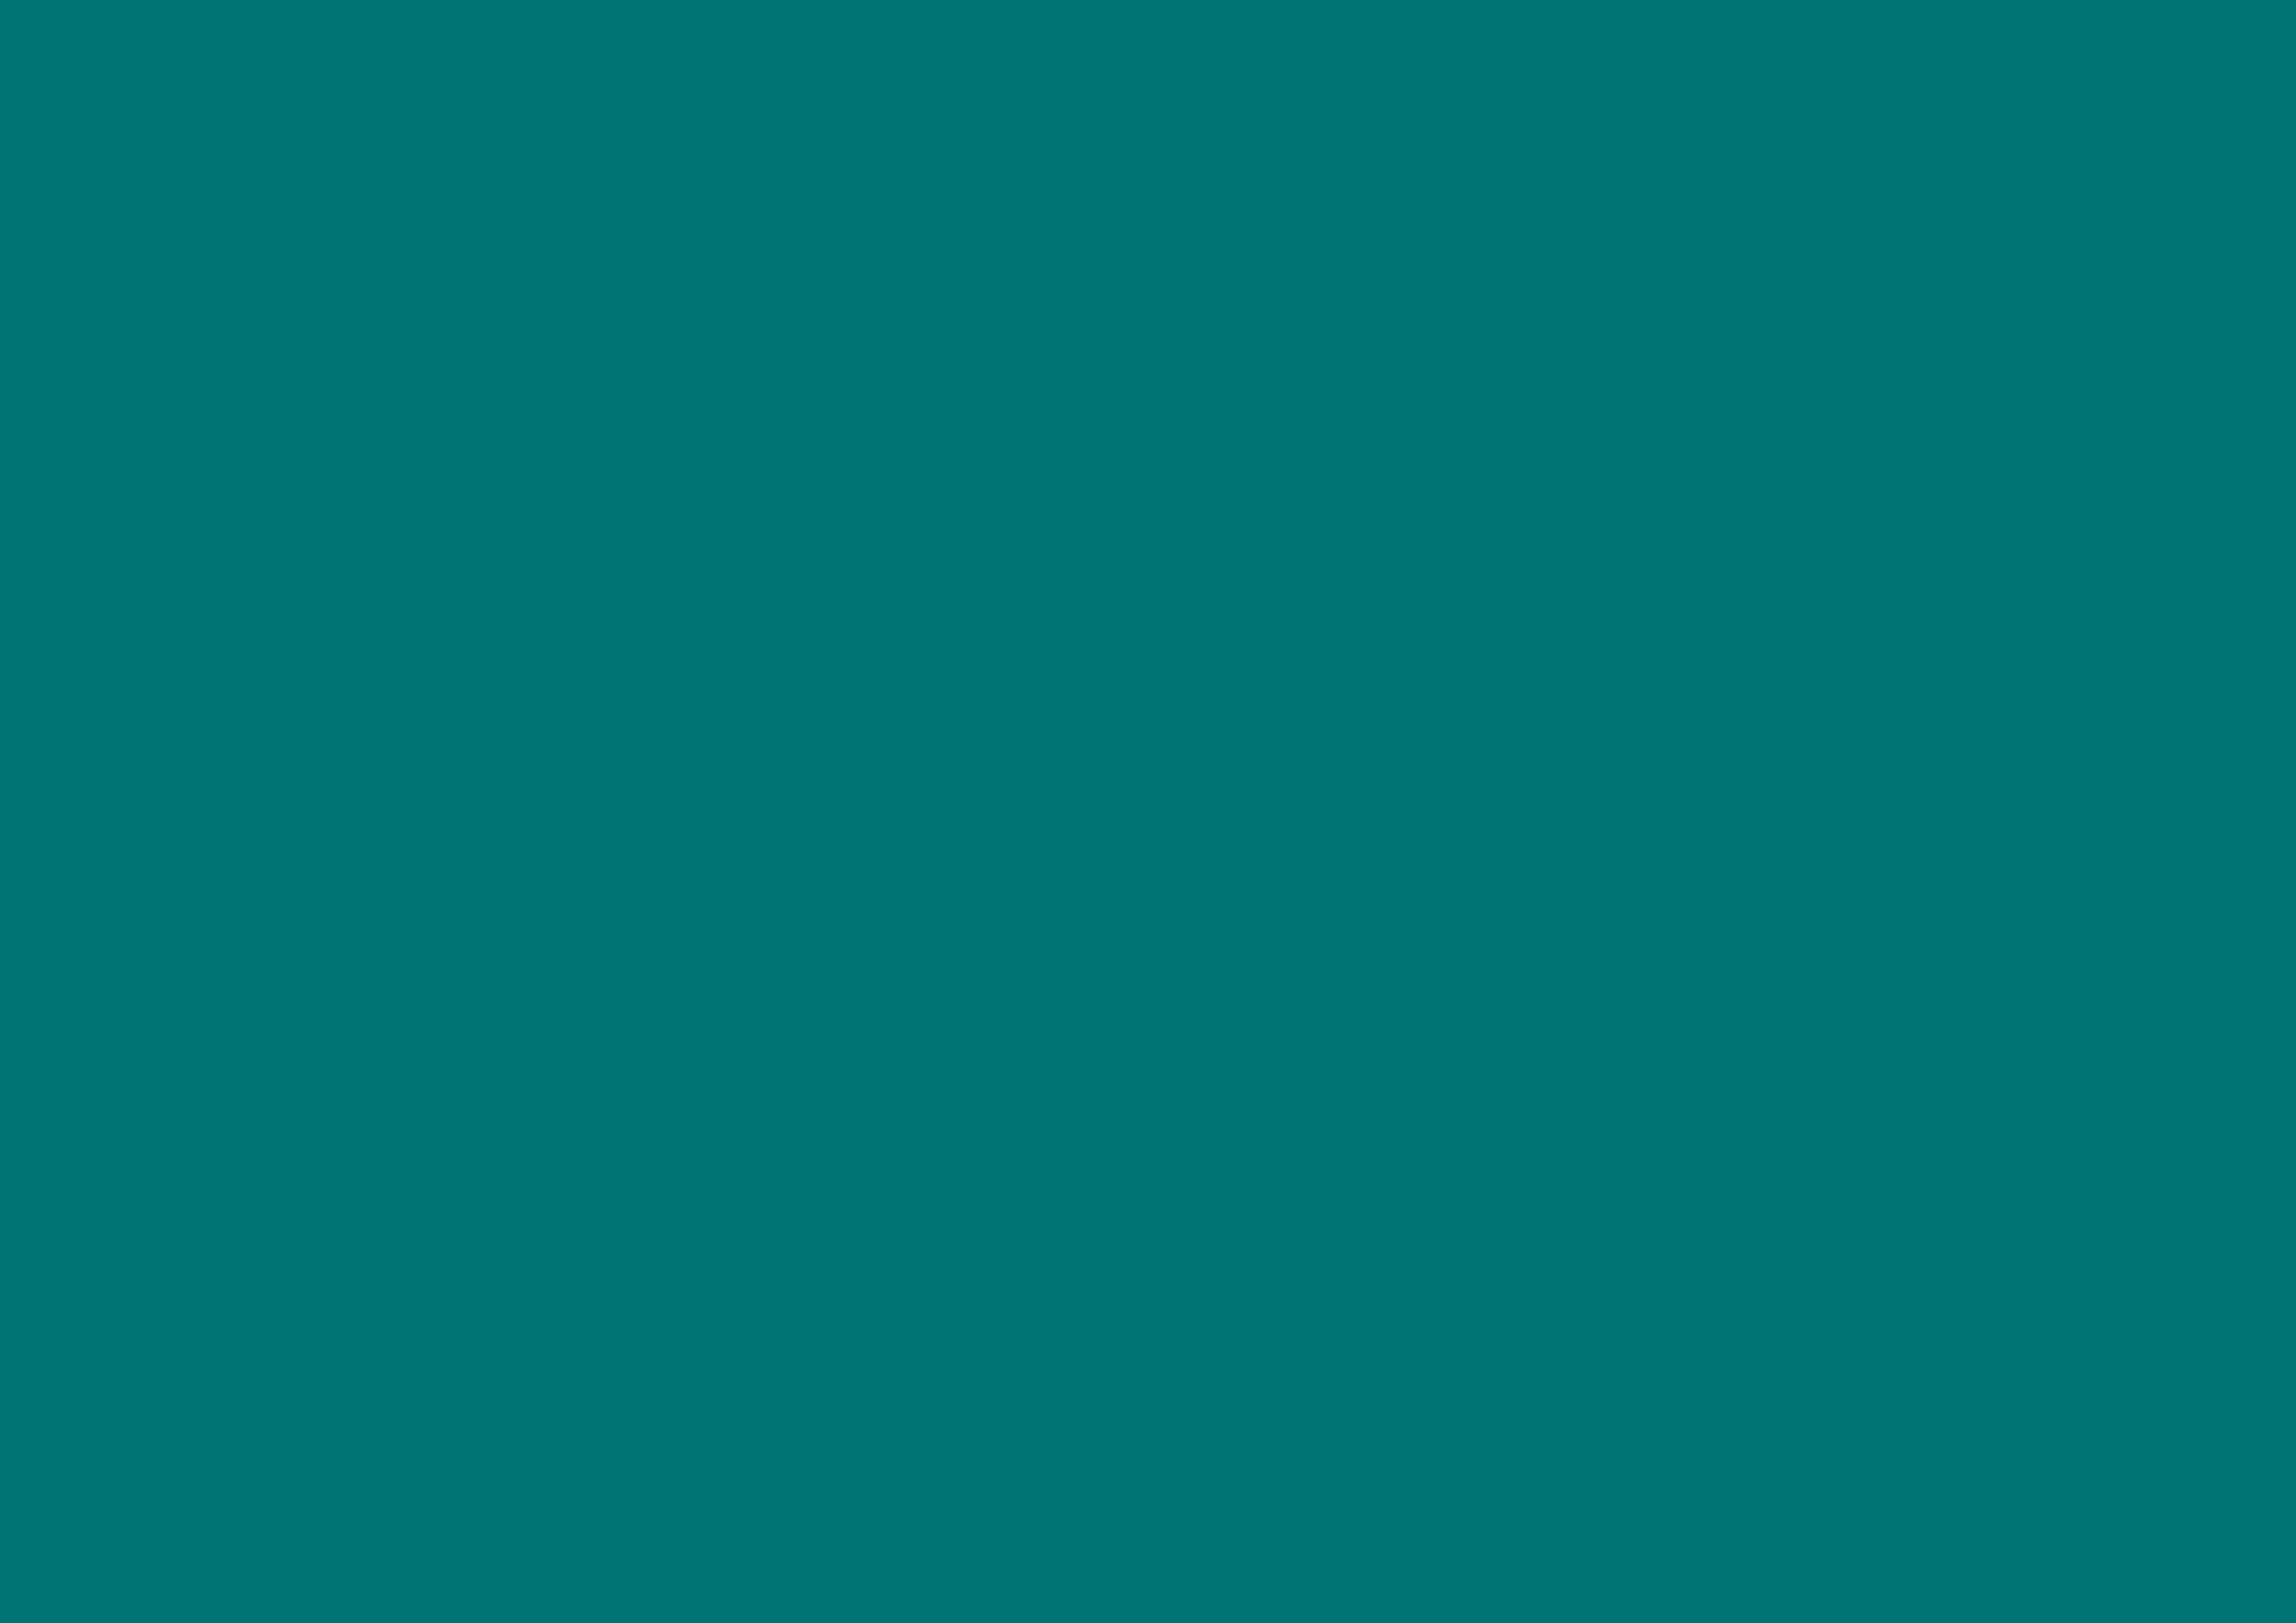 3508x2480 Skobeloff Solid Color Background